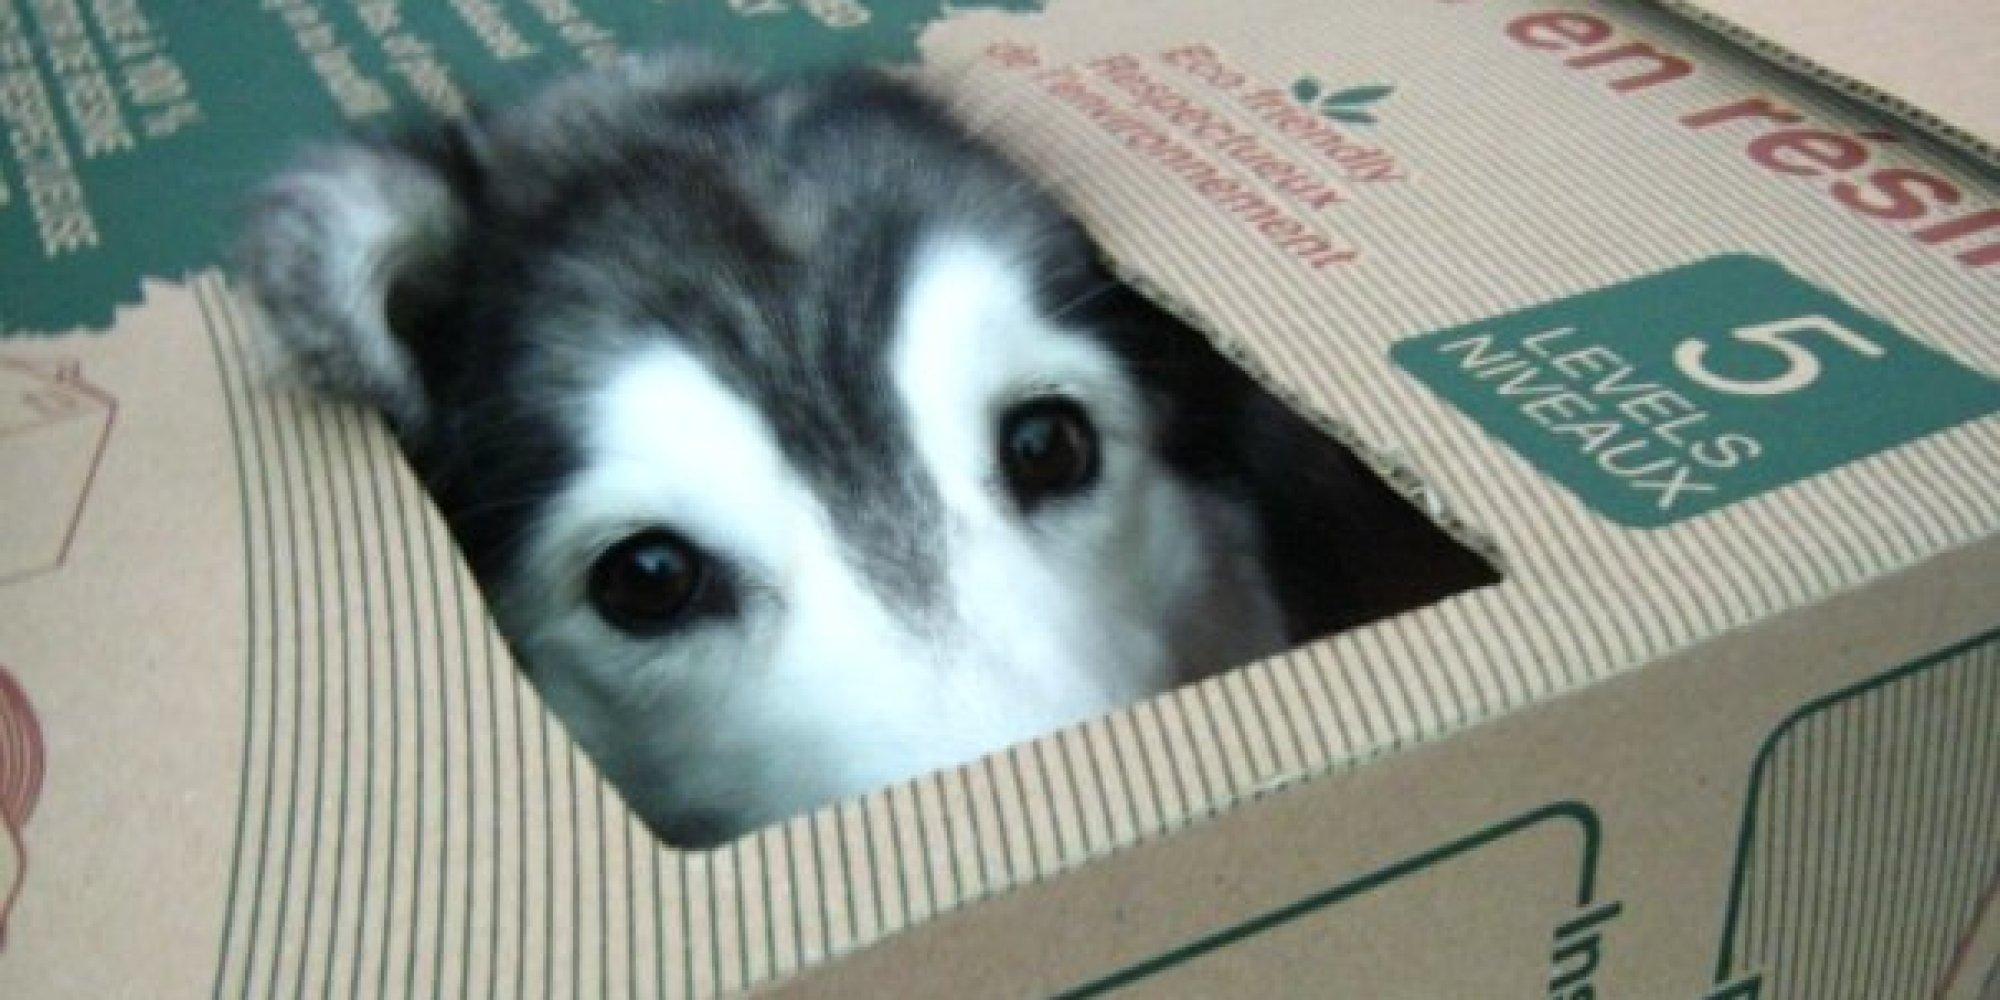 고양이 허스키 고양이와 함께 자란 허스키에게 찾아온 정체성의 위기 사진